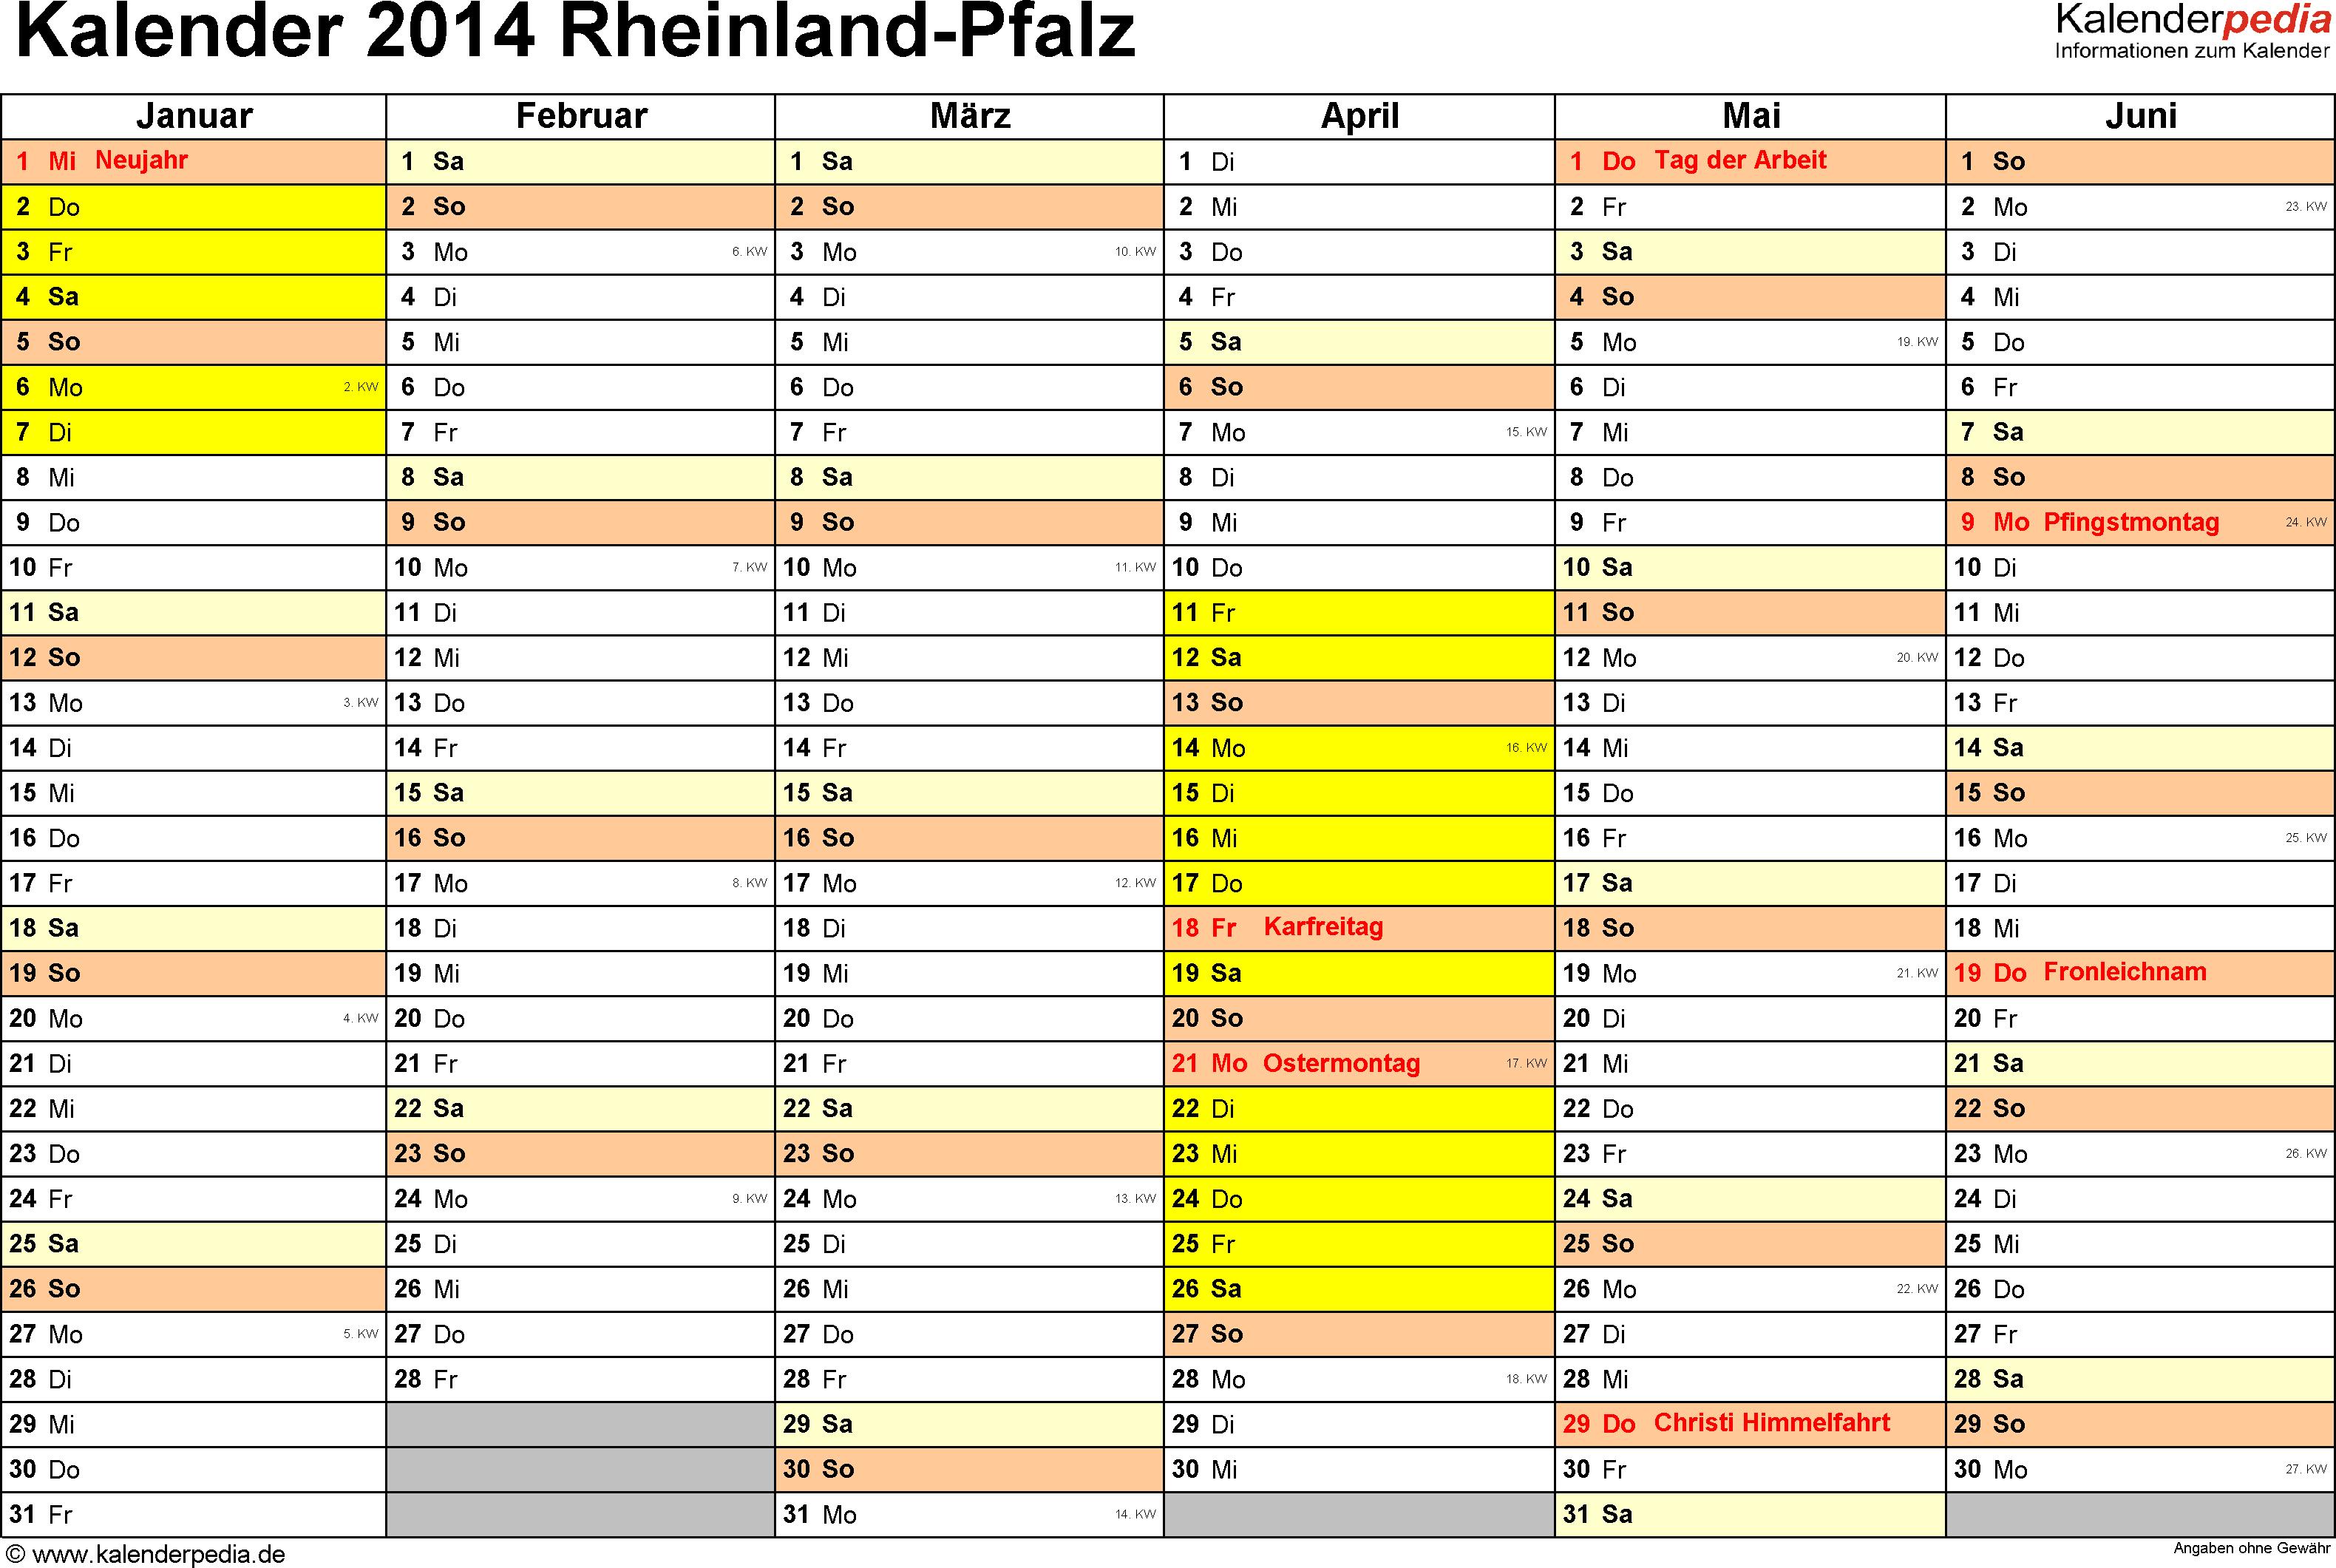 Vorlage 2: Kalender 2014 für Rheinland-Pfalz als Word-Vorlage (Querformat, 2 Seiten)